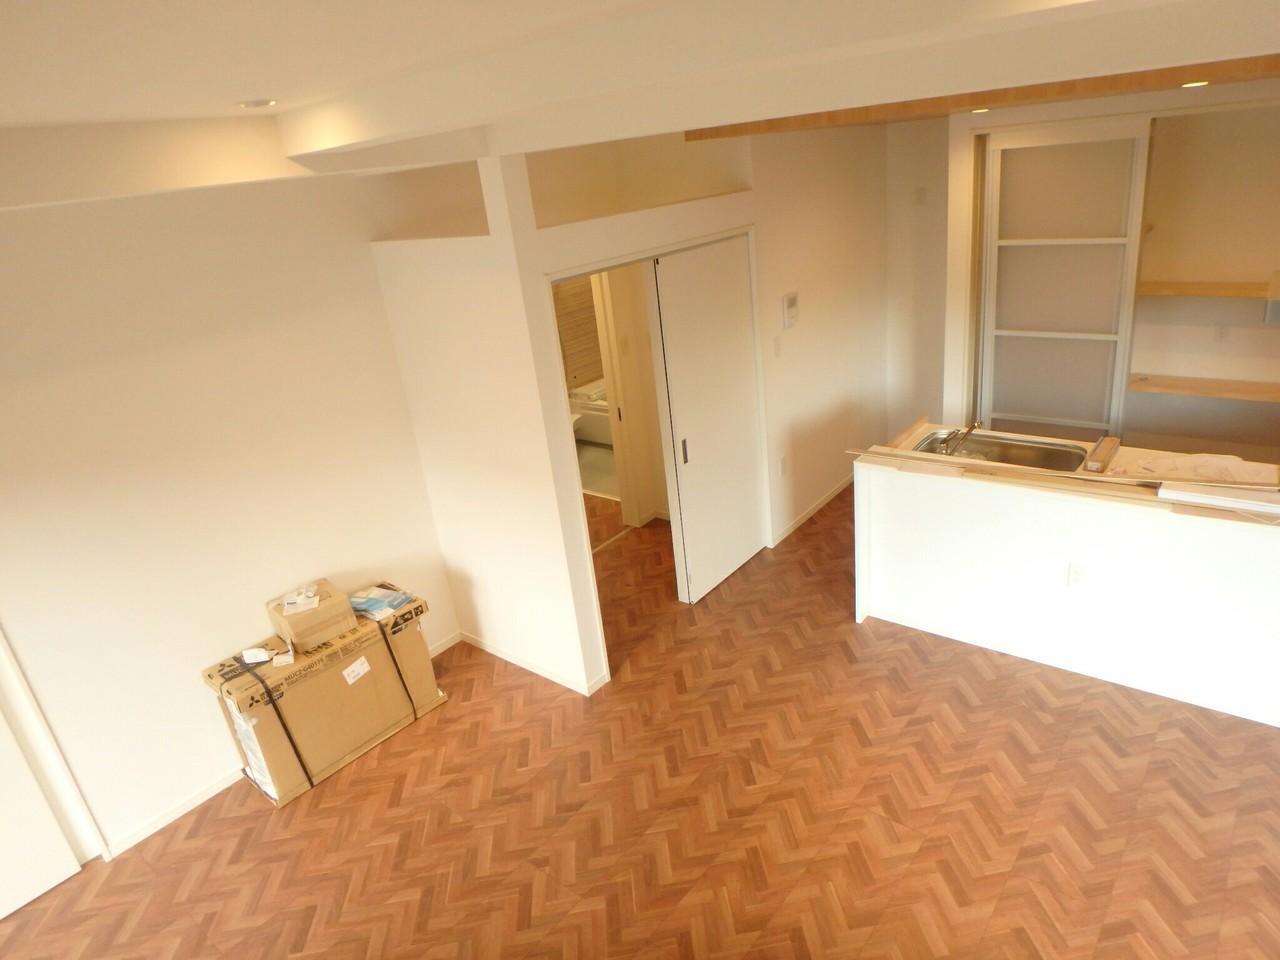 玄関からキッチン、洗面、浴室と行き止まりのない「回遊性」を重視した動線設計なので、家事もテキパキこなせます。 キッチン後方には壁一面に配置された収納スペースがありますよ♪